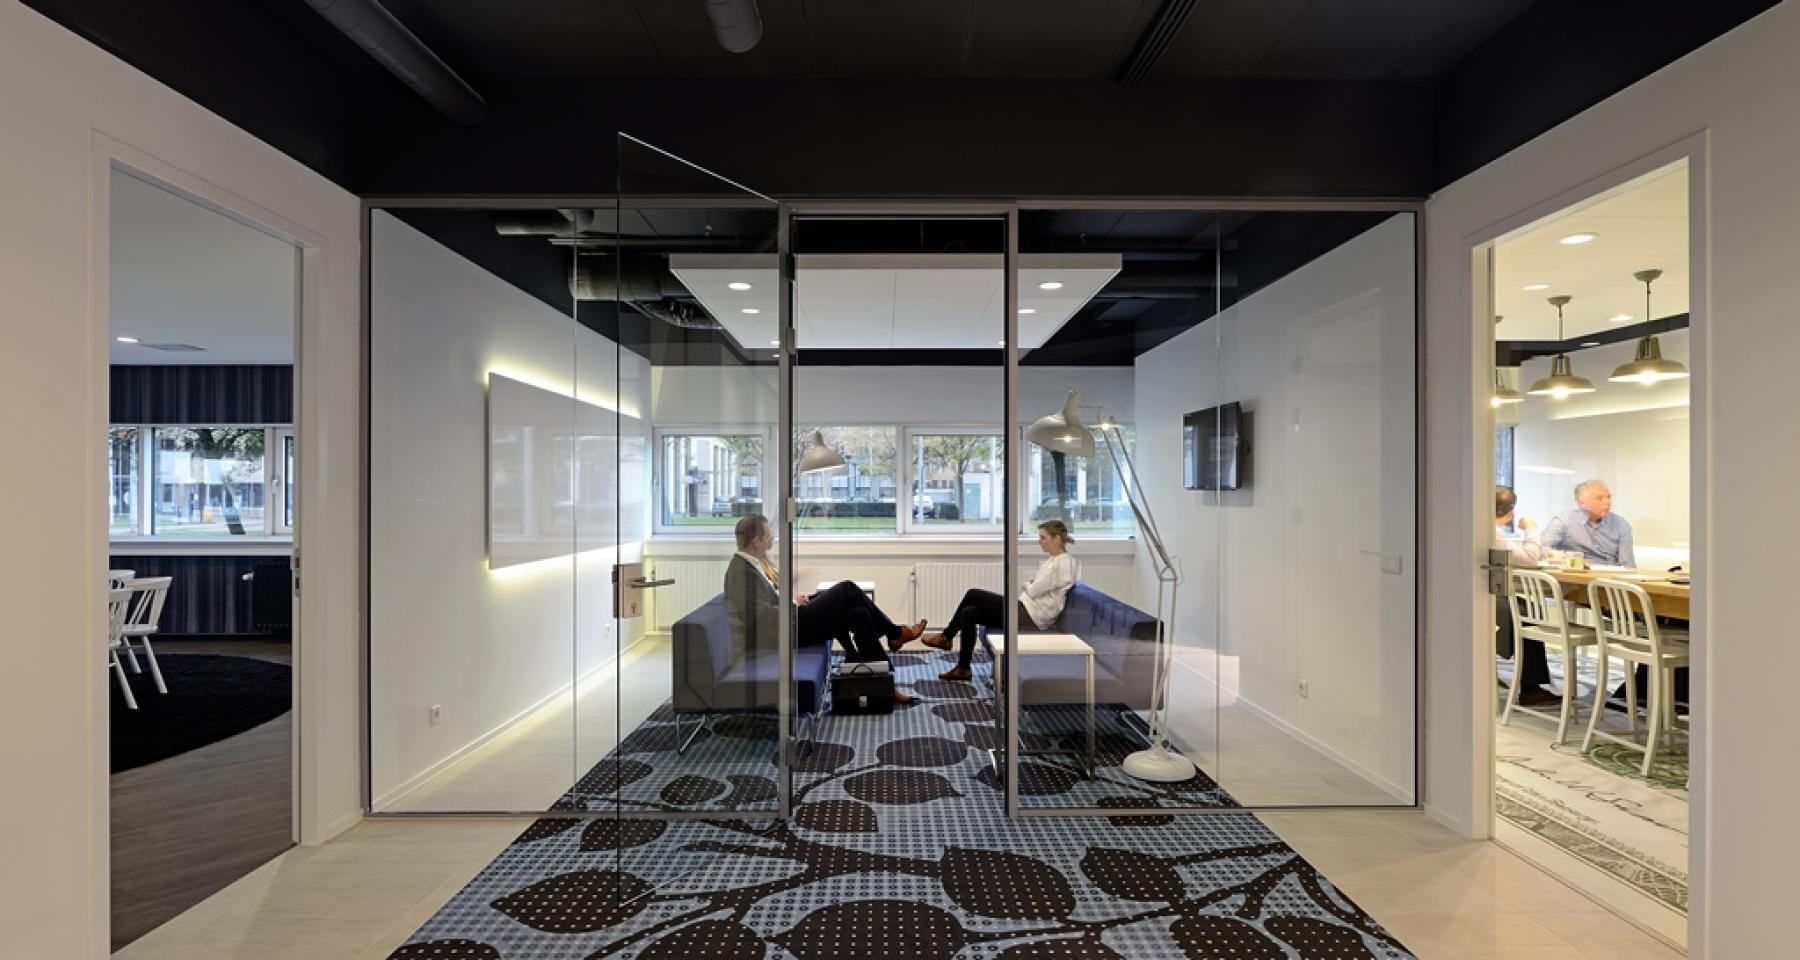 amsterdam zuidoost kantoorpand informele vergadersetting twee grijze banken twee personen vergadering